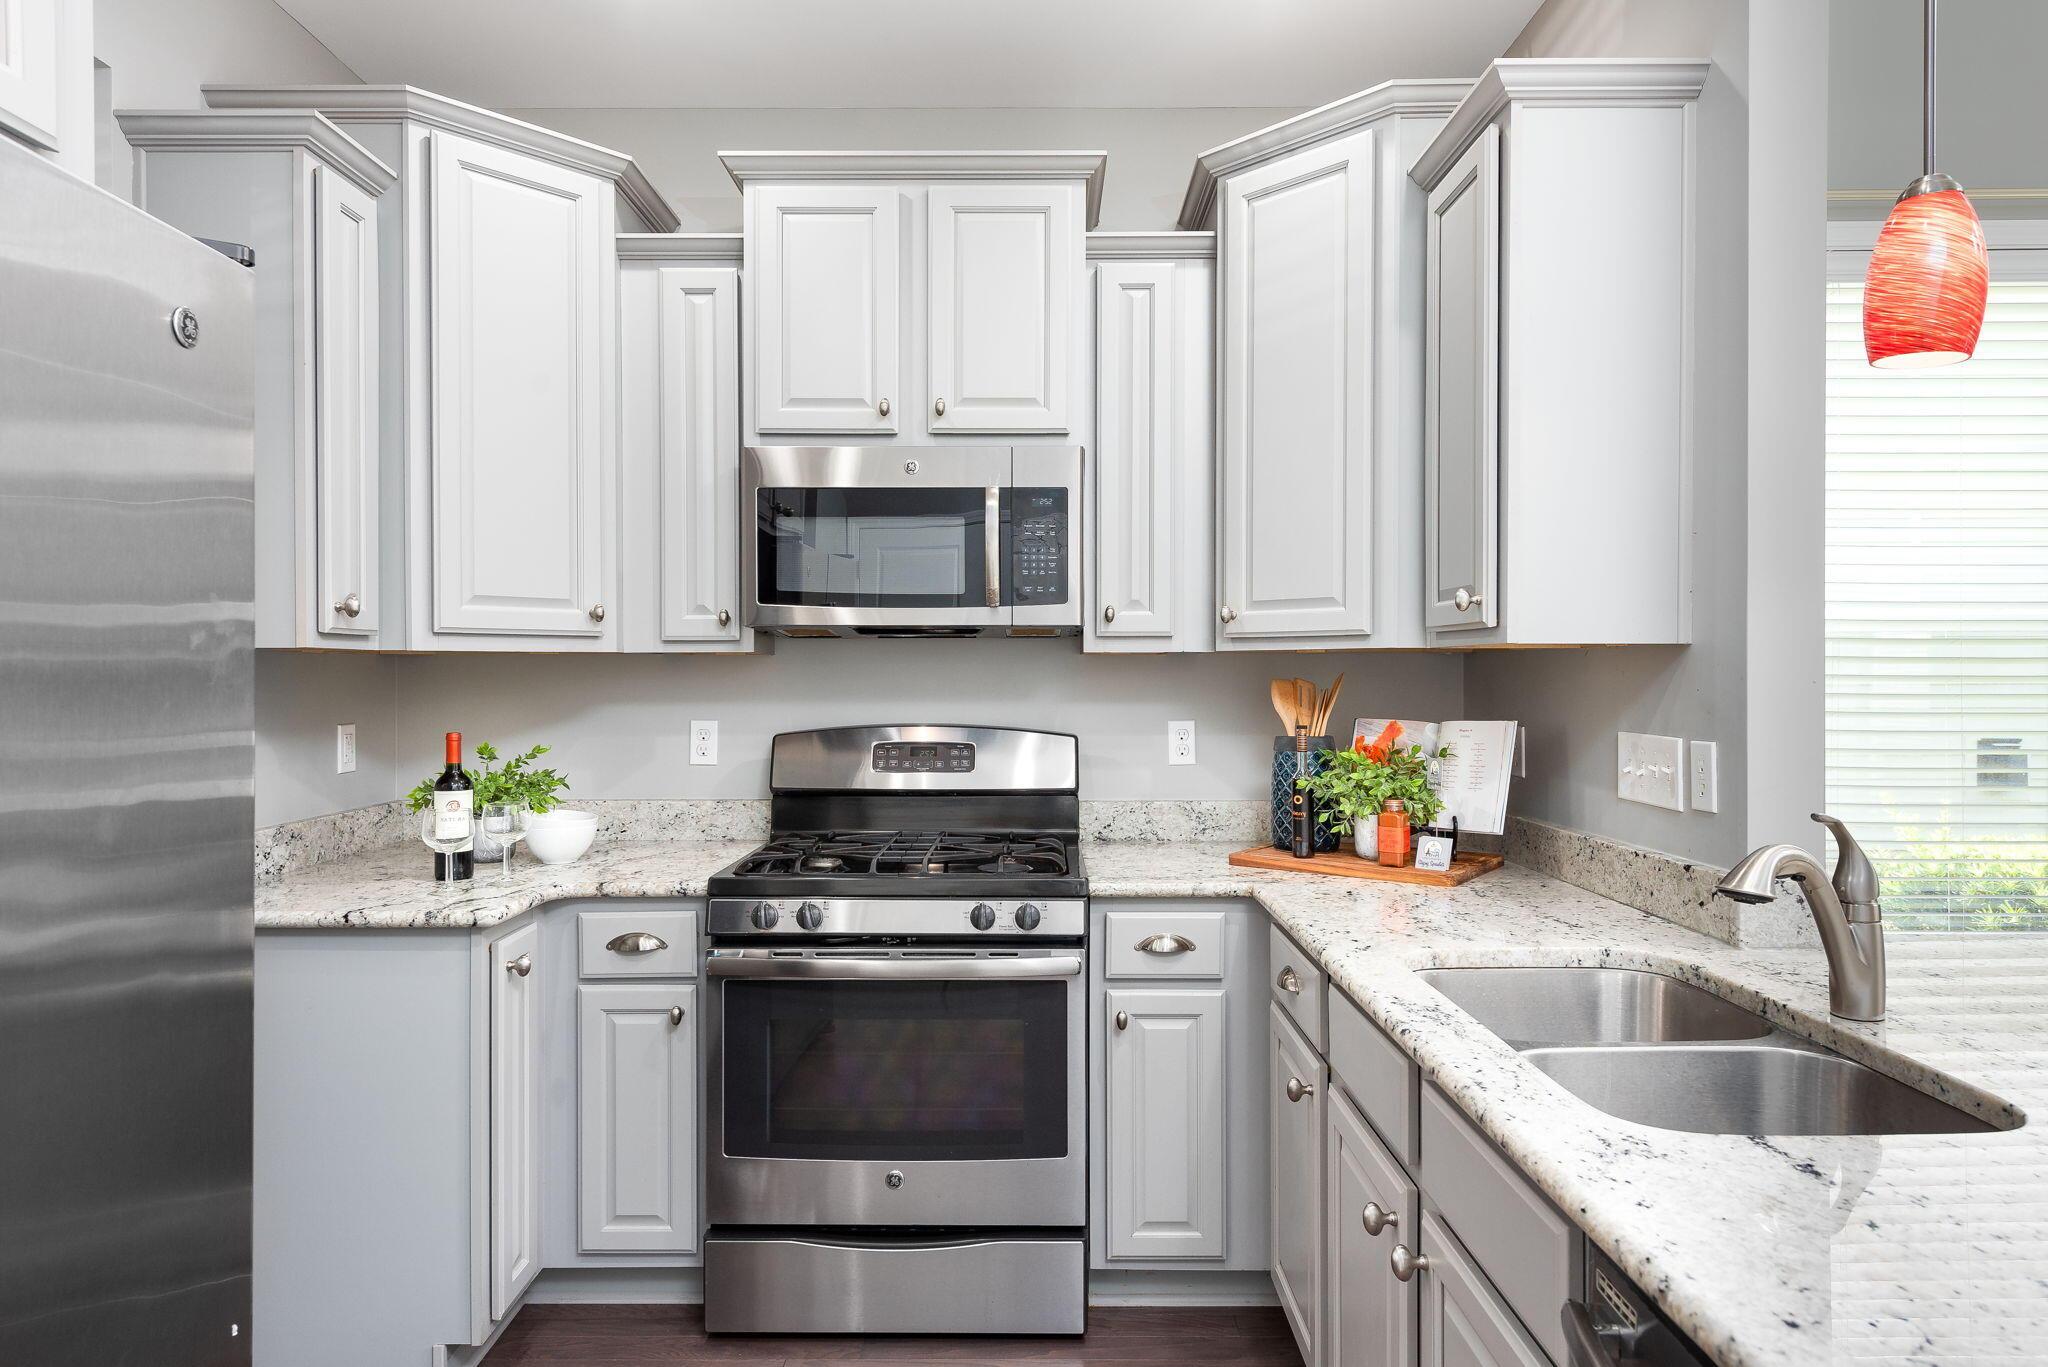 Park West Homes For Sale - 1656 Bridwell Lane, Mount Pleasant, SC - 22